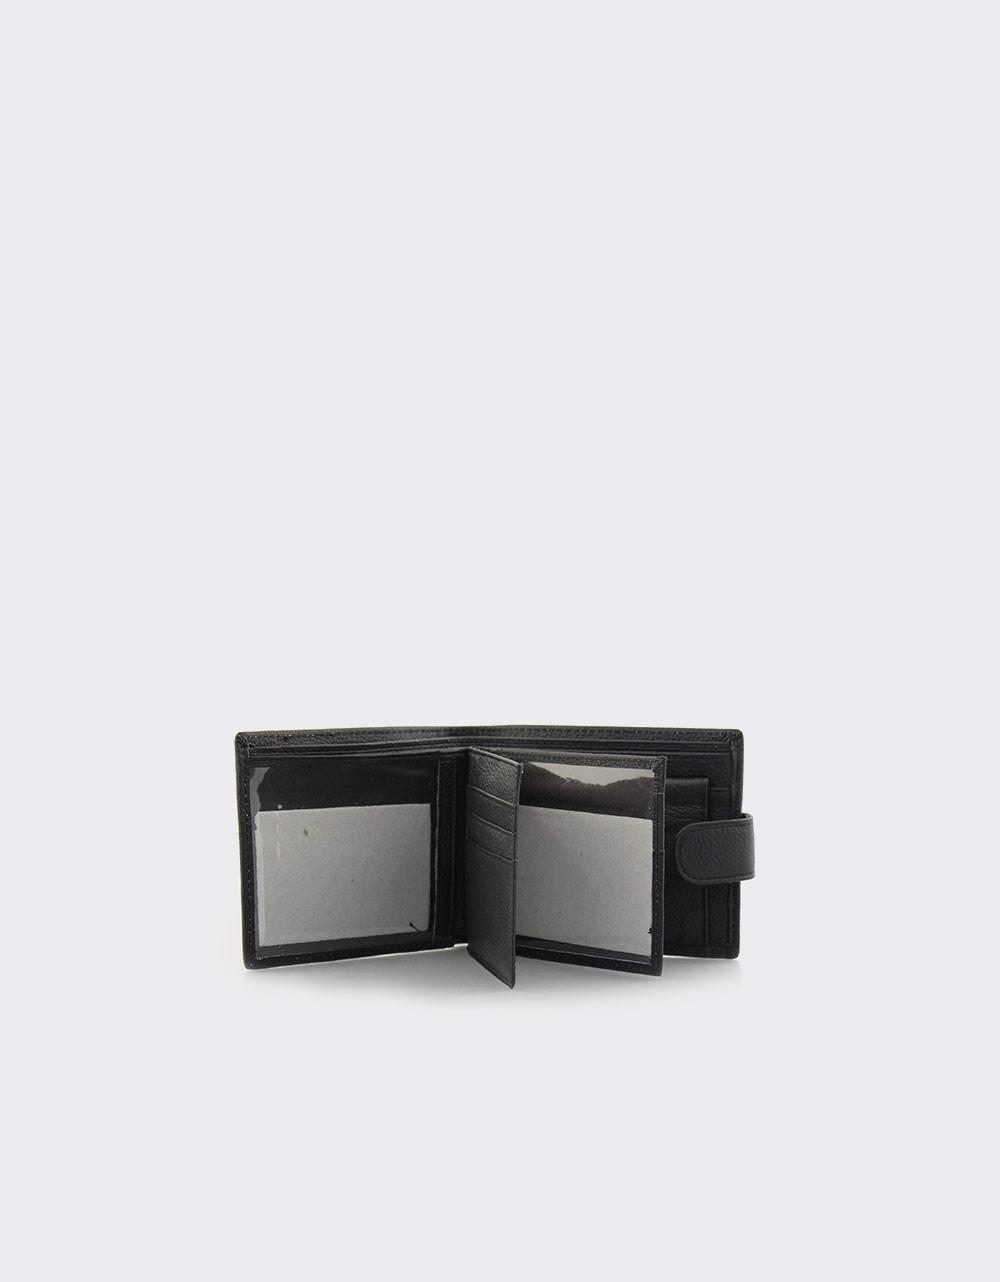 Εικόνα από Ανδρικά δερμάτινα πορτοφόλια Μαύρο